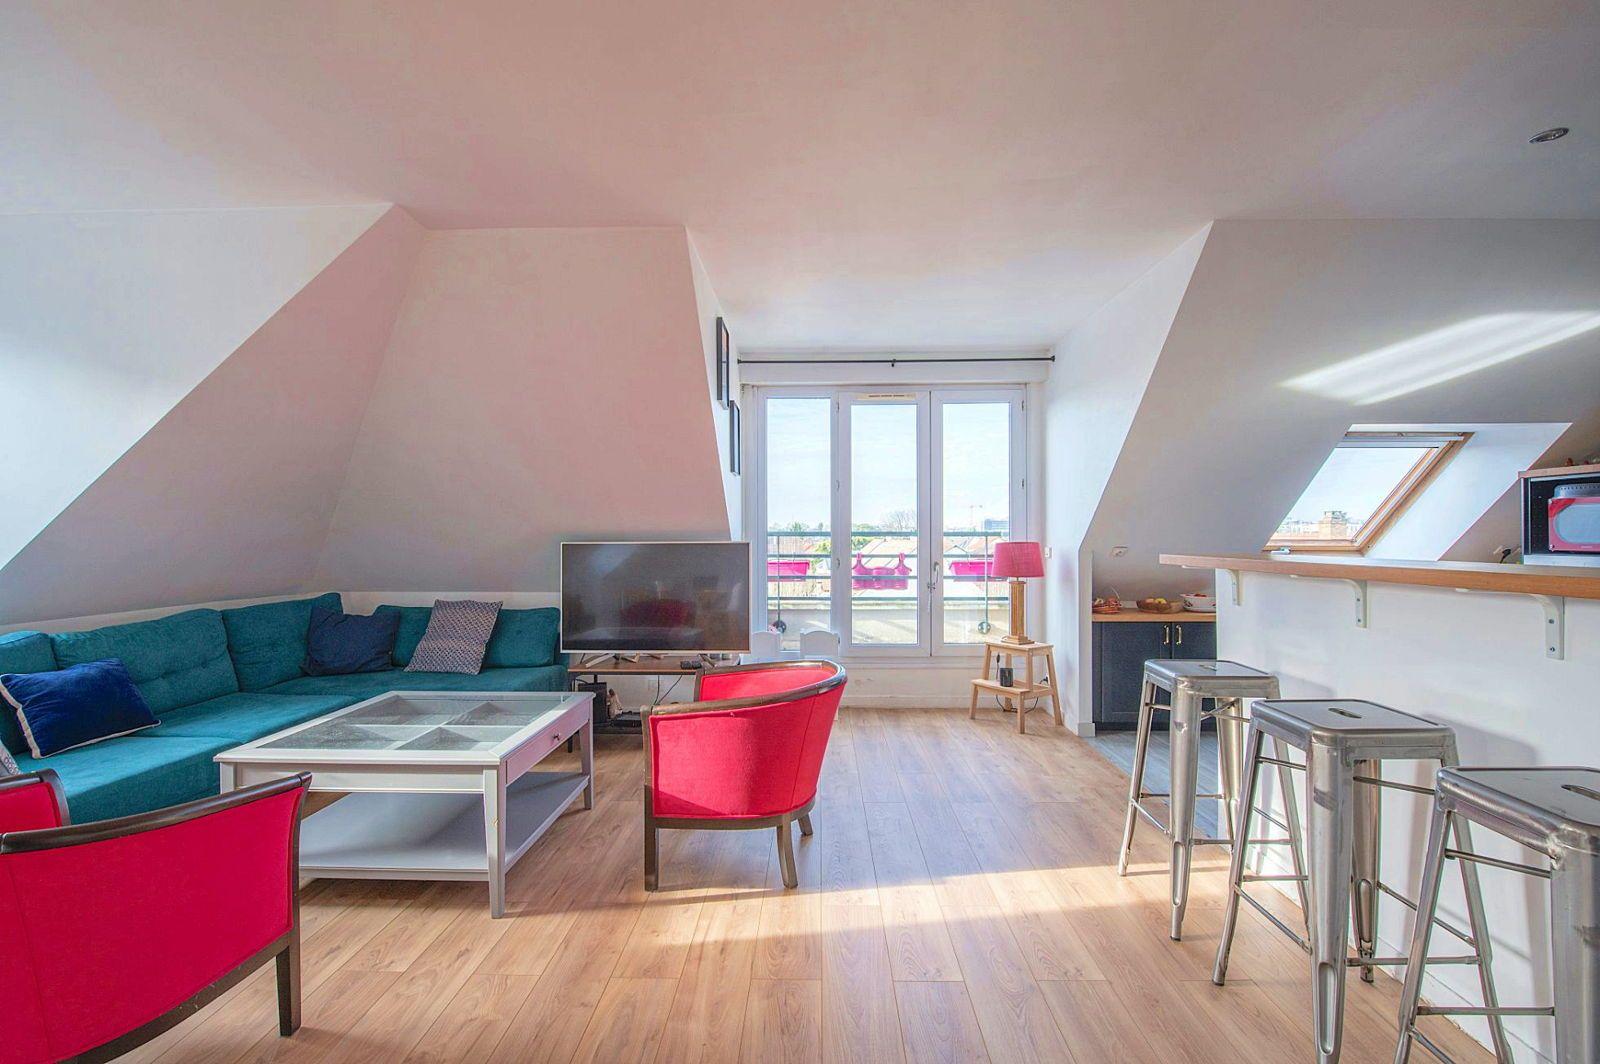 Vends Appartement 3/4pièces 90m² - 2chambres - Rueil-Malmaison (92)